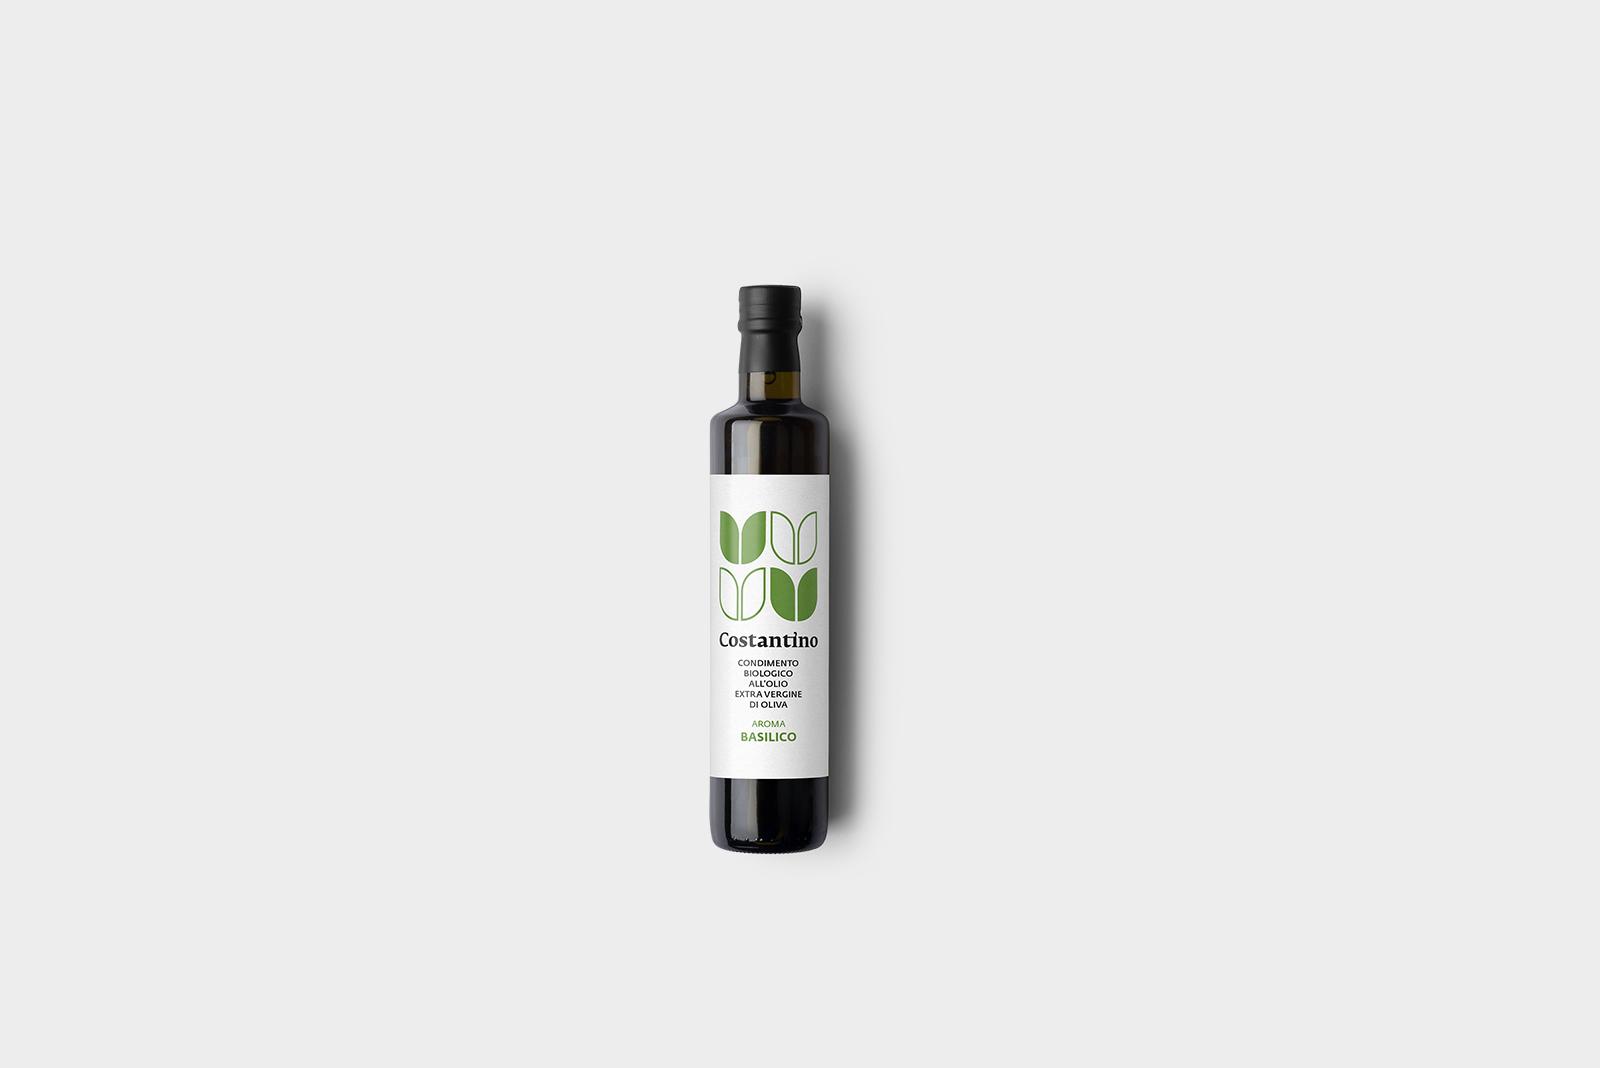 Costantino - Condimento Biologico a base di Olio Extra Vergine d'Oliva e Basilico - bottiglia 10cl